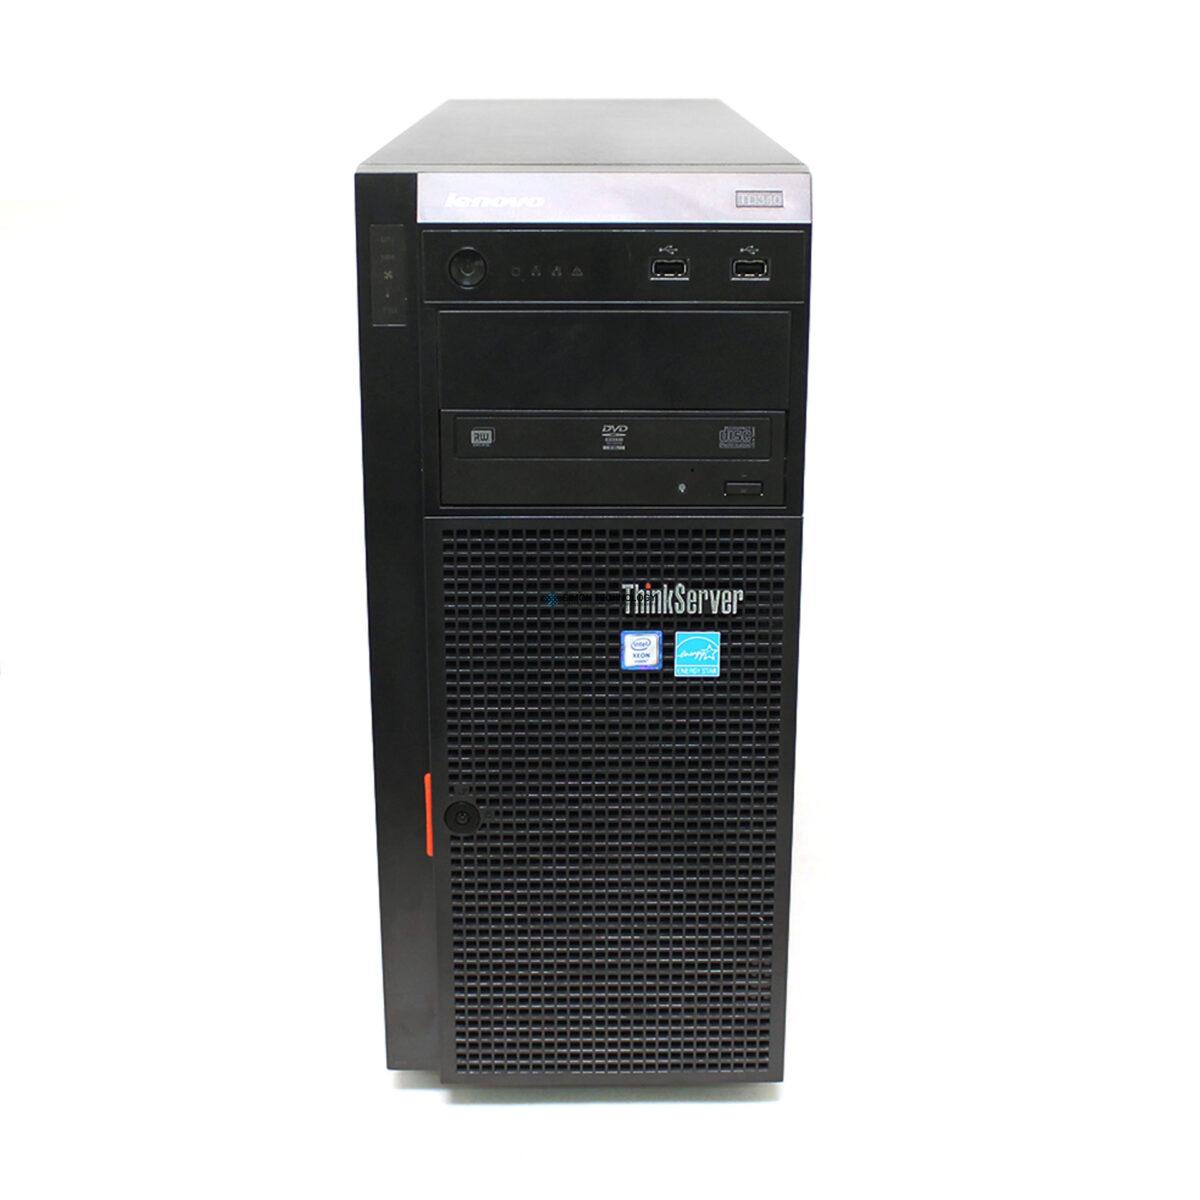 Сервер Lenovo 2x 6C Xeon E5-2430 v2 2,5GHz 16GB 16xSFF (707BA006FR)